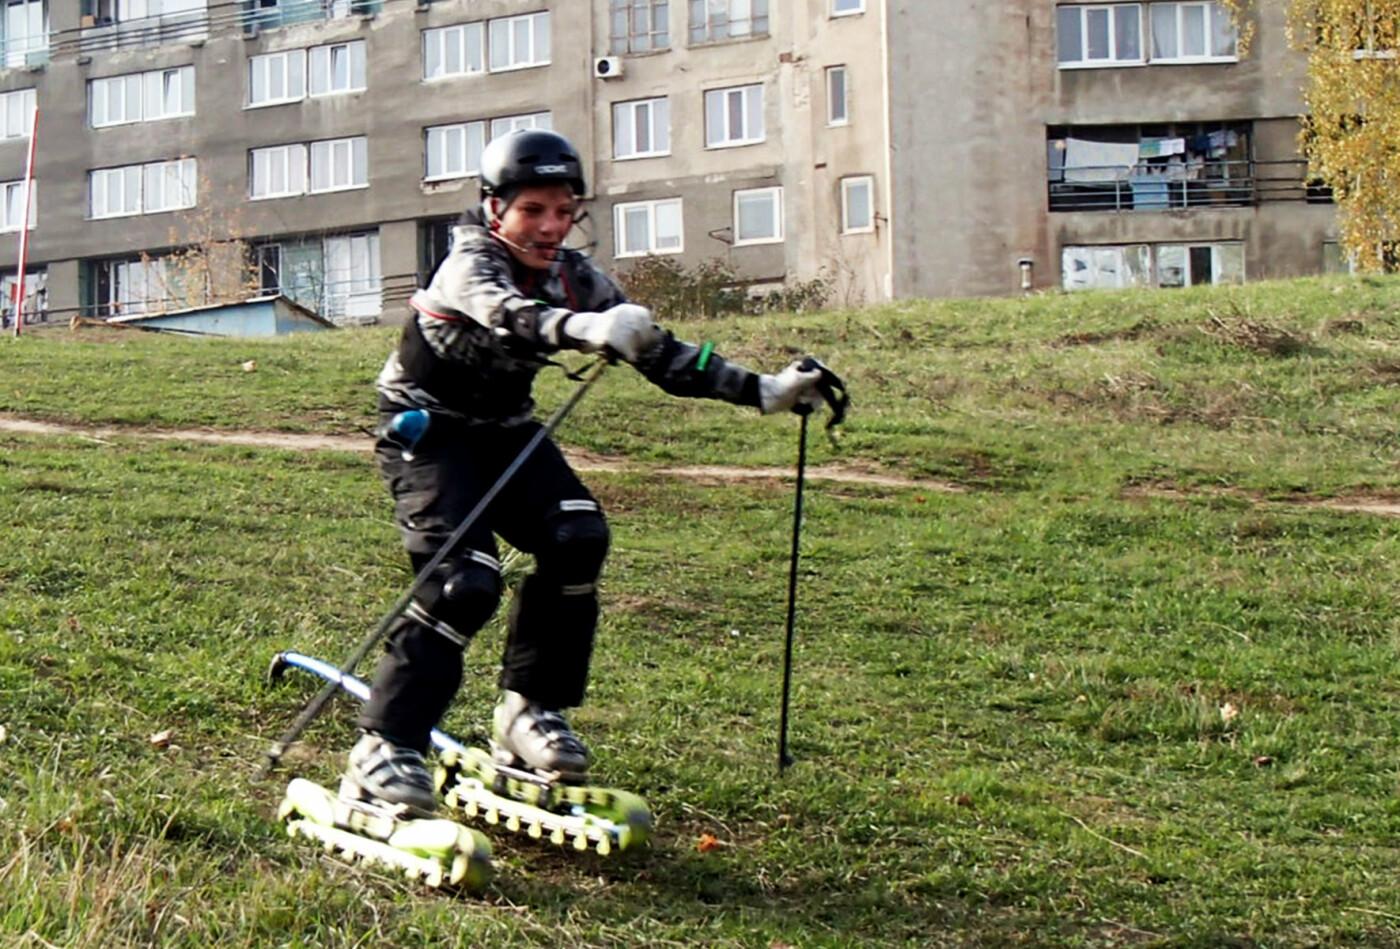 Активный отдых в Харькове - спортивные площадки, водный спорт, прокат и аренда транспорта, фото-99